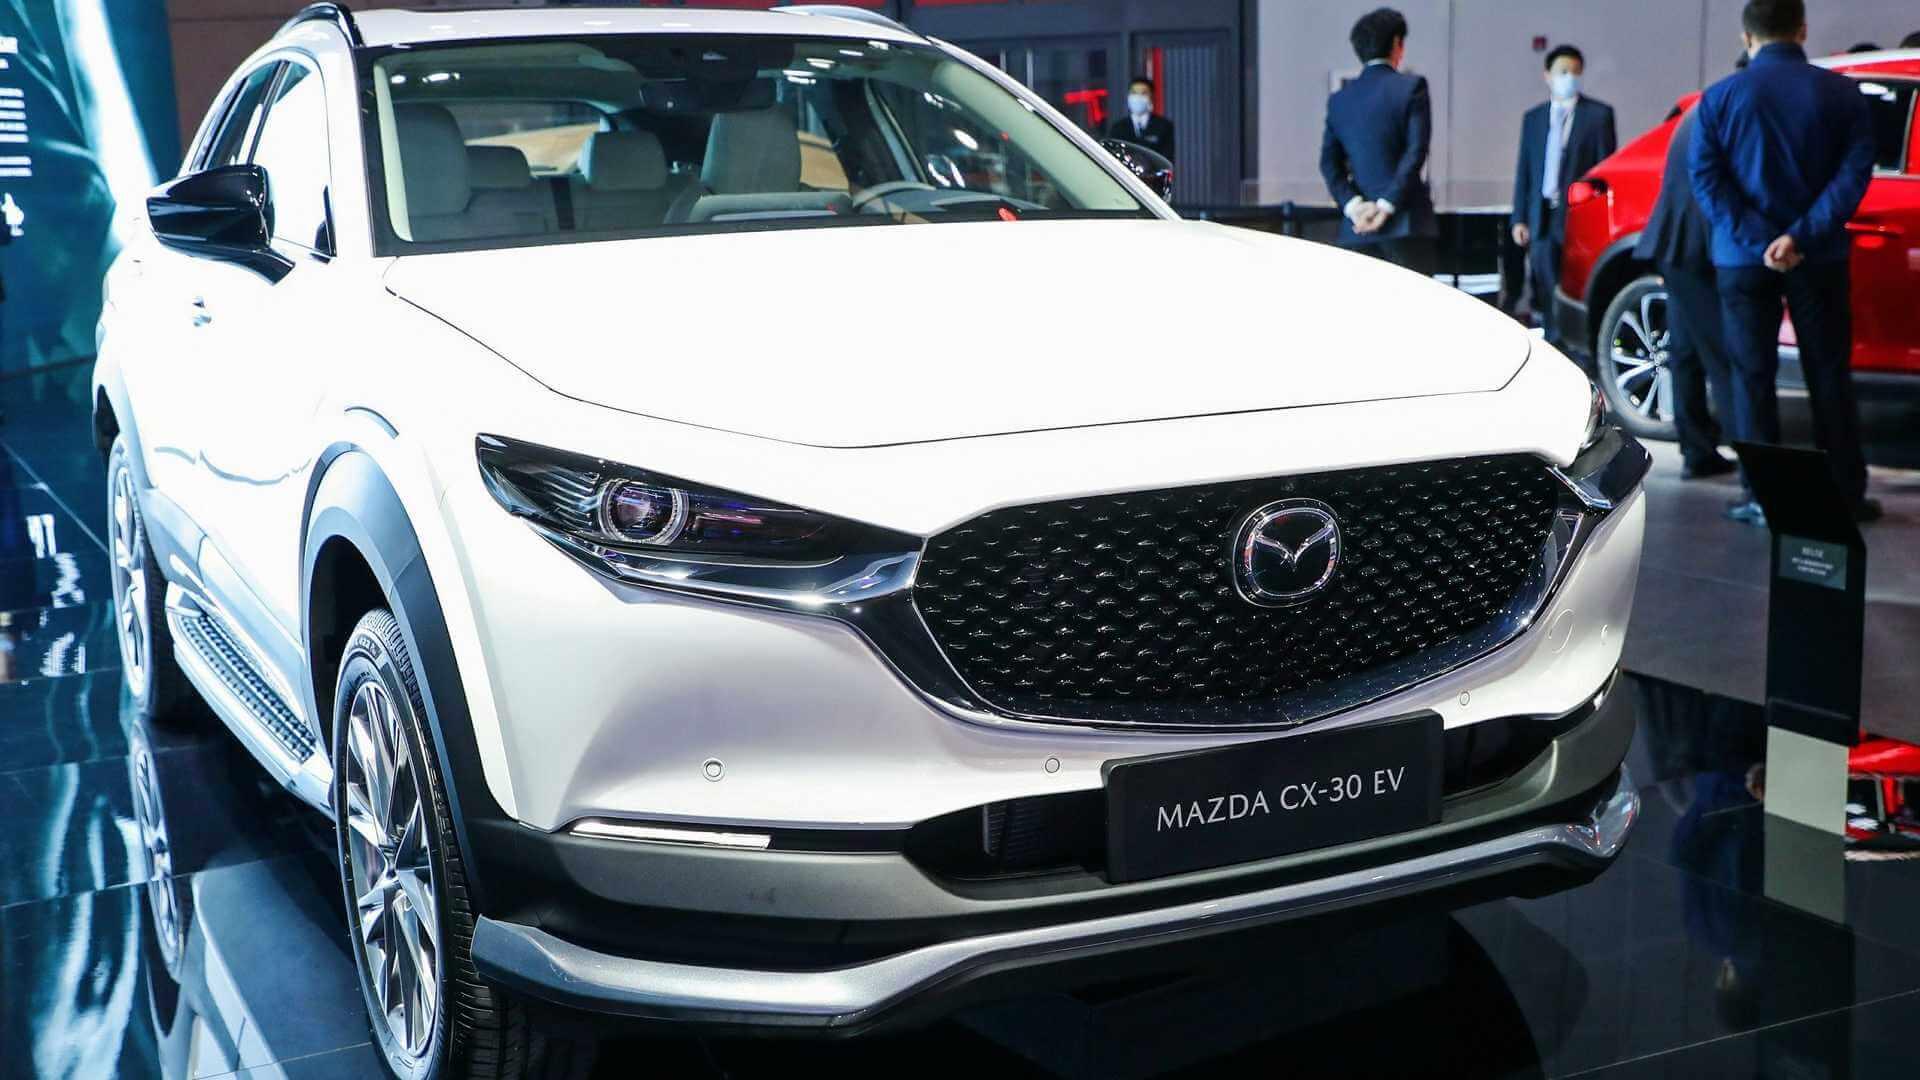 В Шанхае представили электрическую версию кроссовера Mazda CX-30